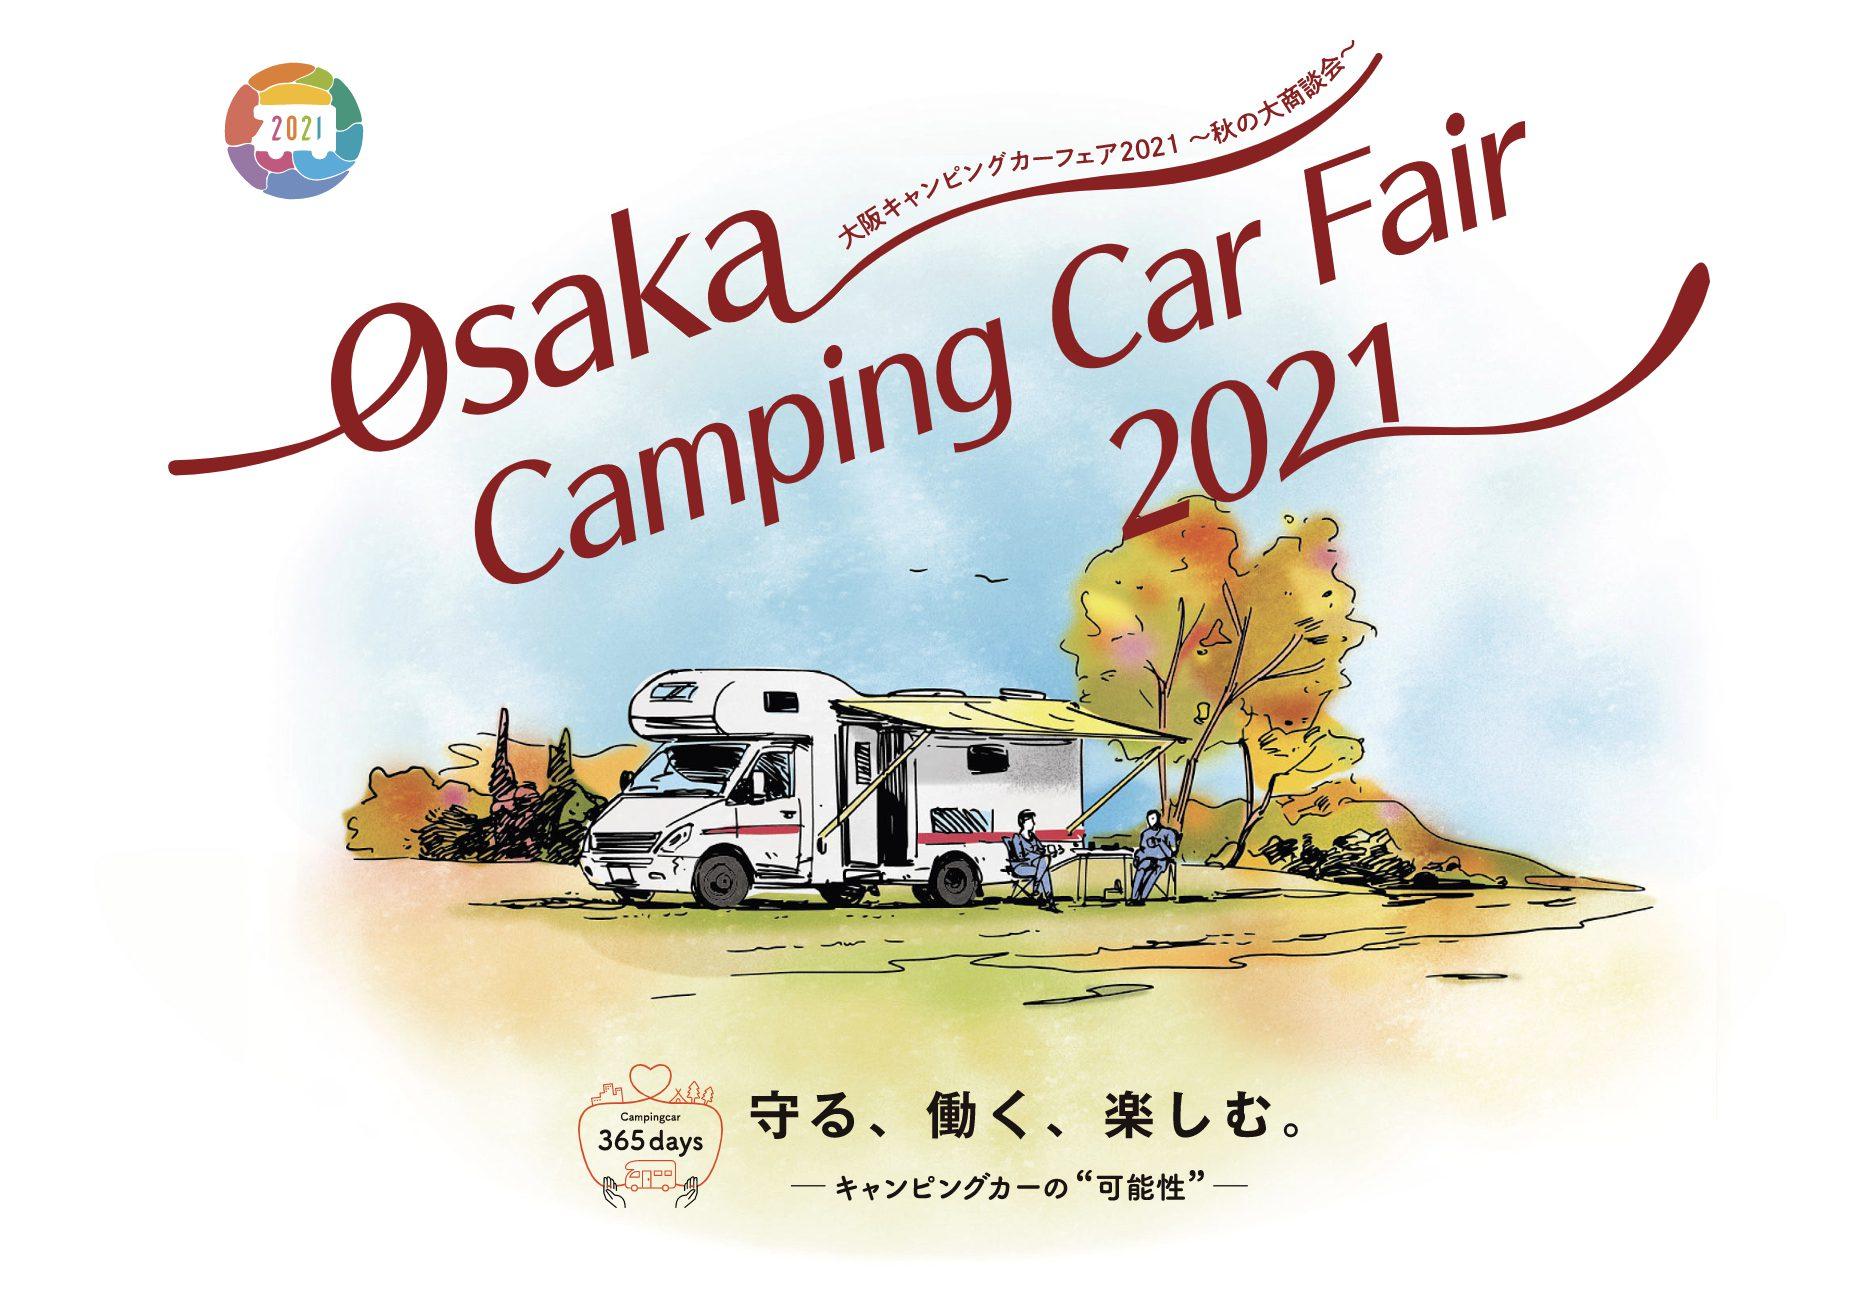 大阪キャンピングカーフェア2021 ~秋の大商談会 …